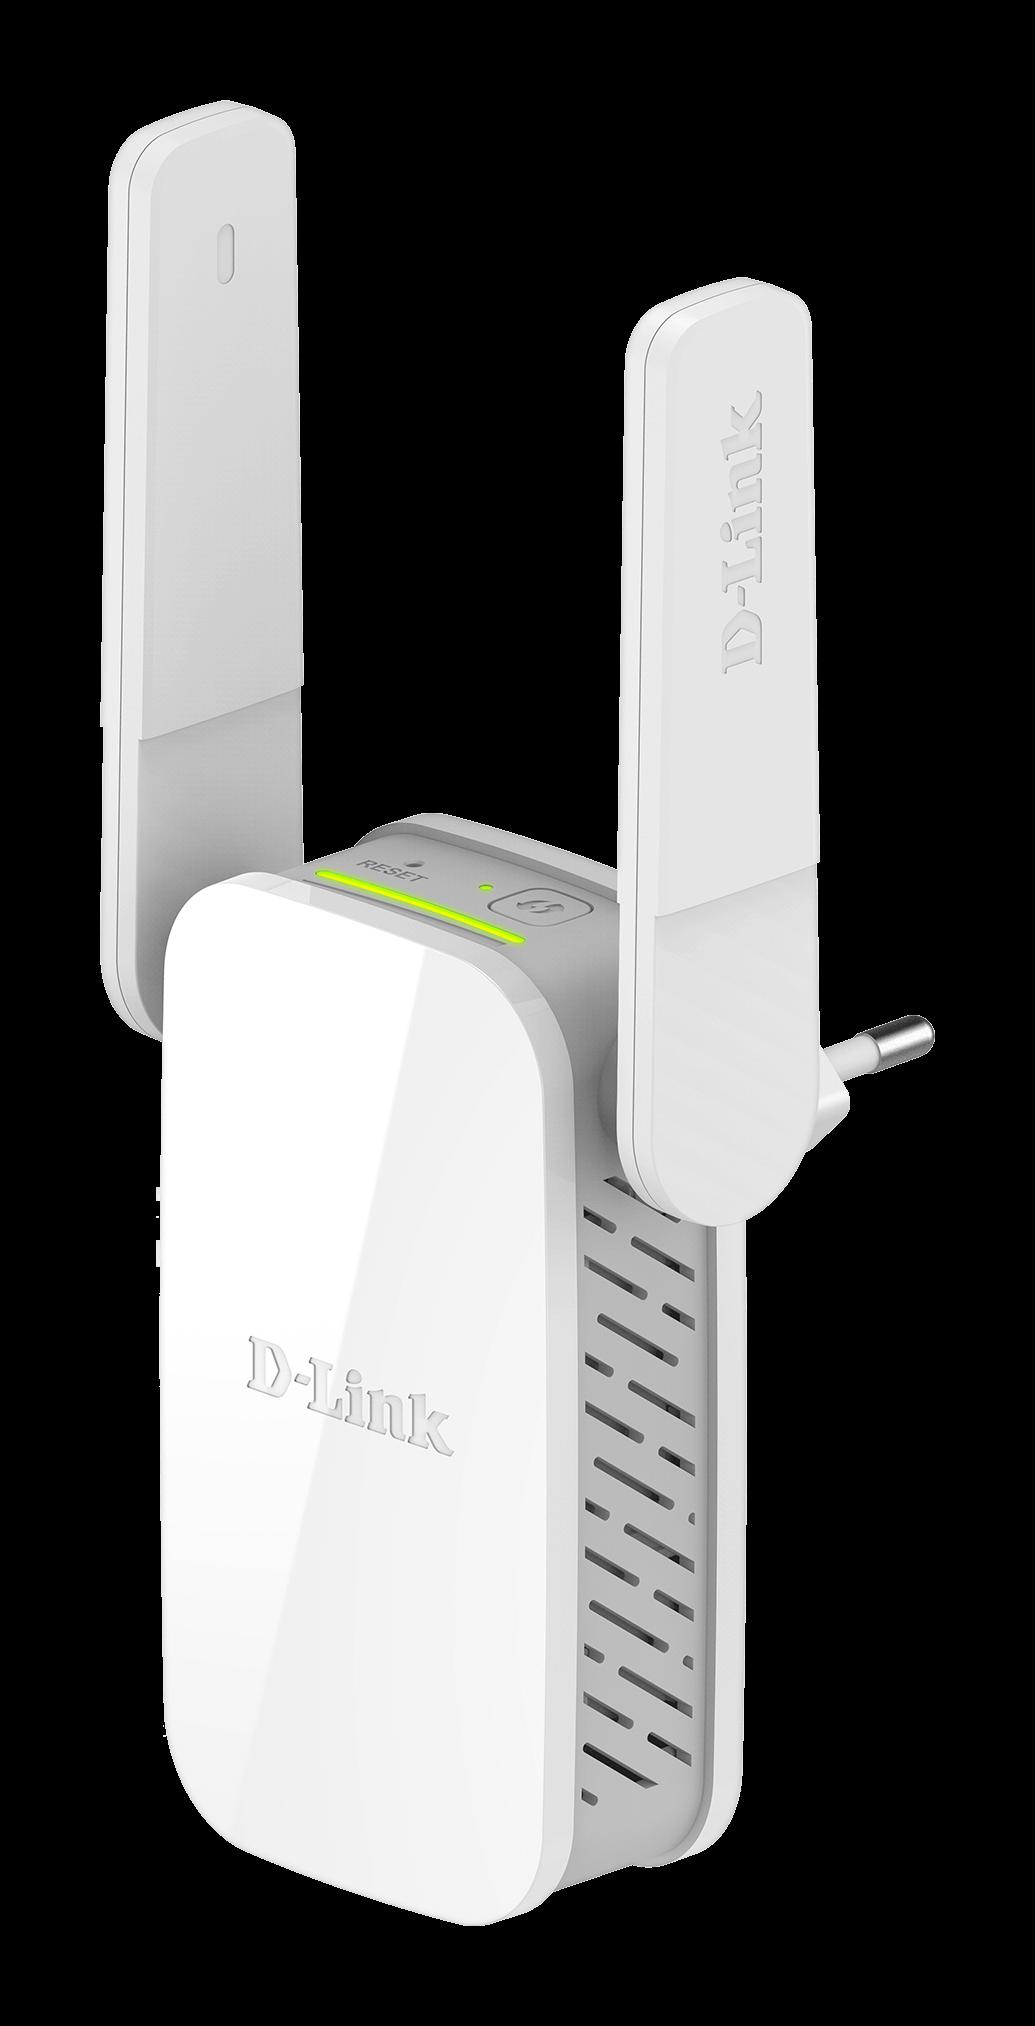 DAP-1610 AC1200 WiFi Range Extender | D-Link UK